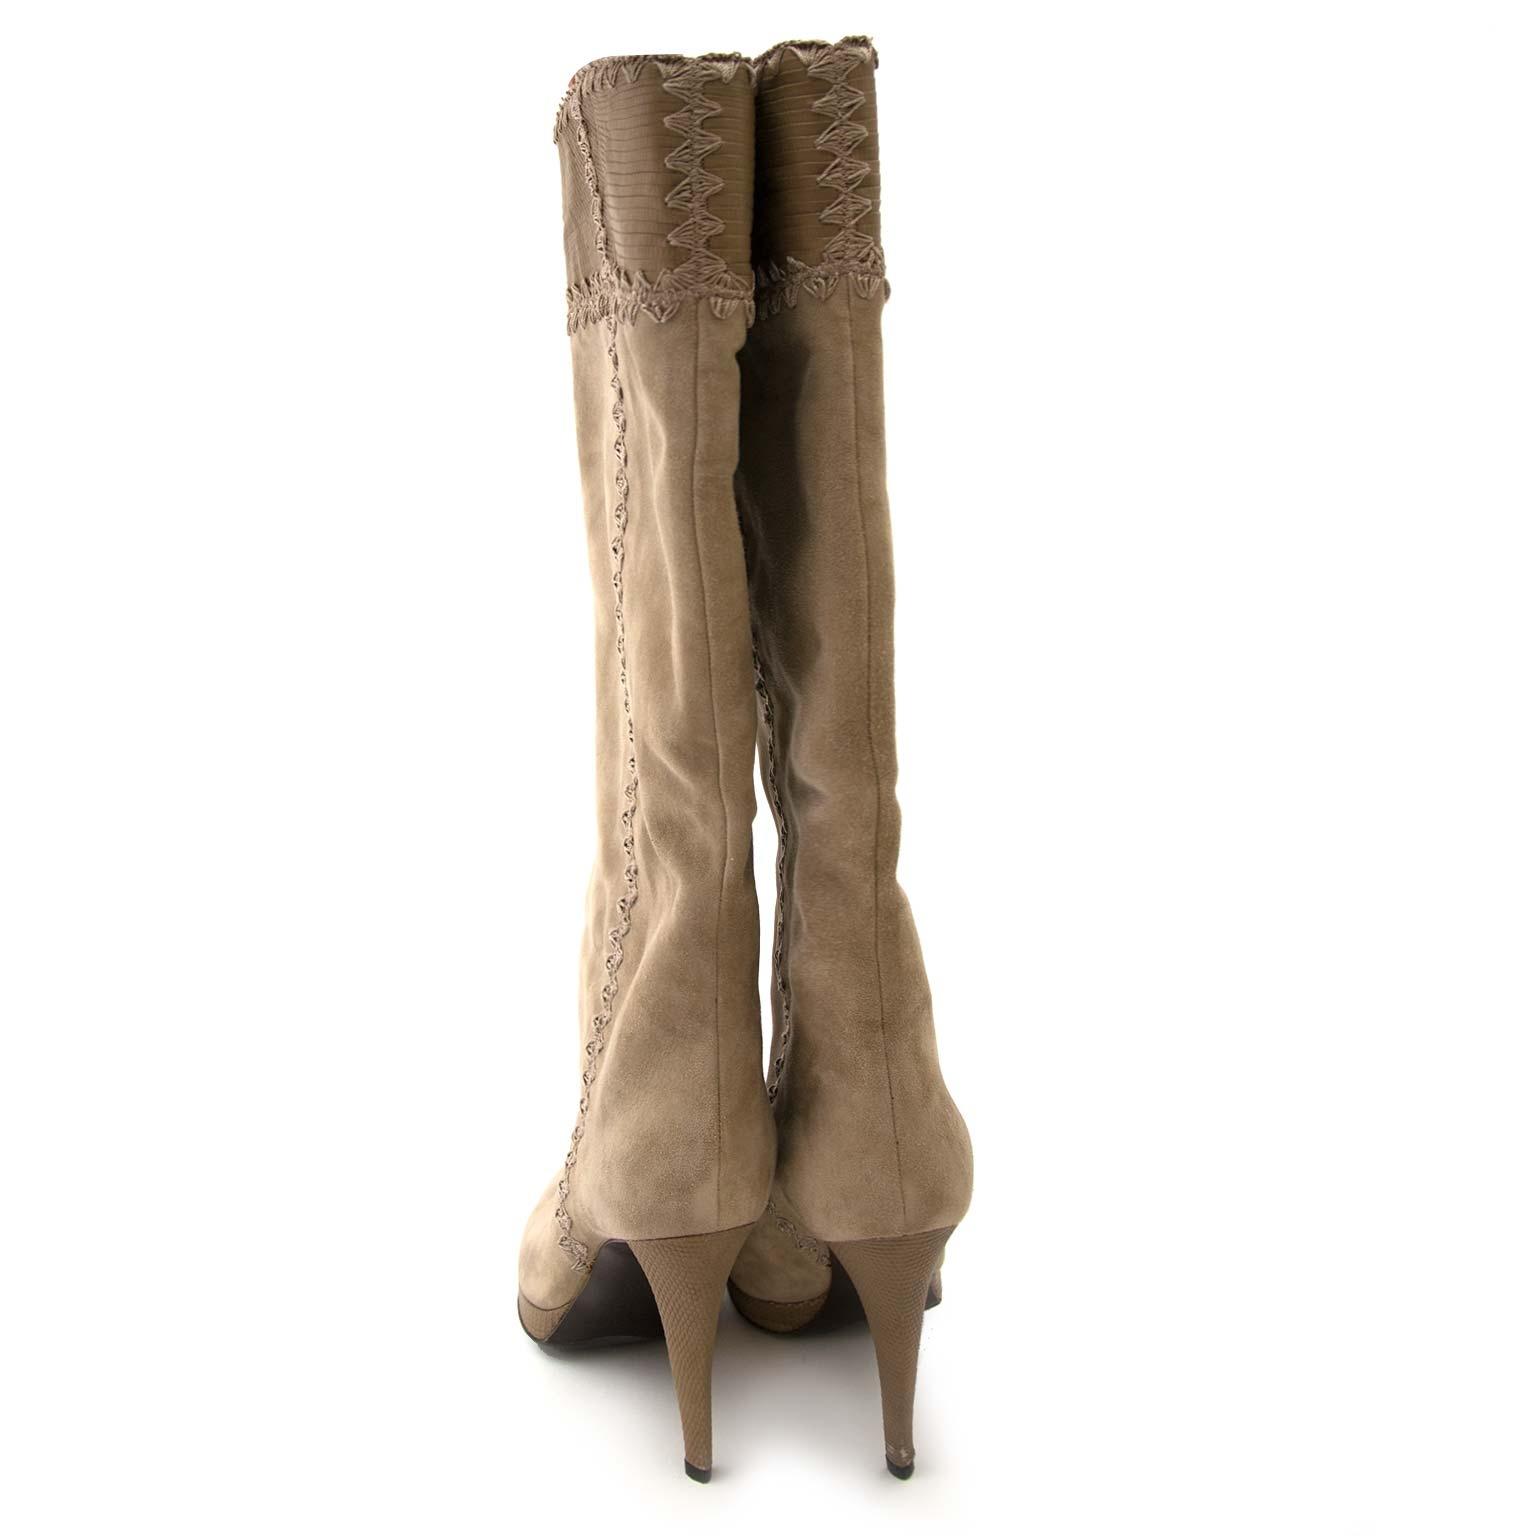 sergio rossi suede beige mid-kalf laarzen nu te koop bij labellov vintage mode webshop belgië